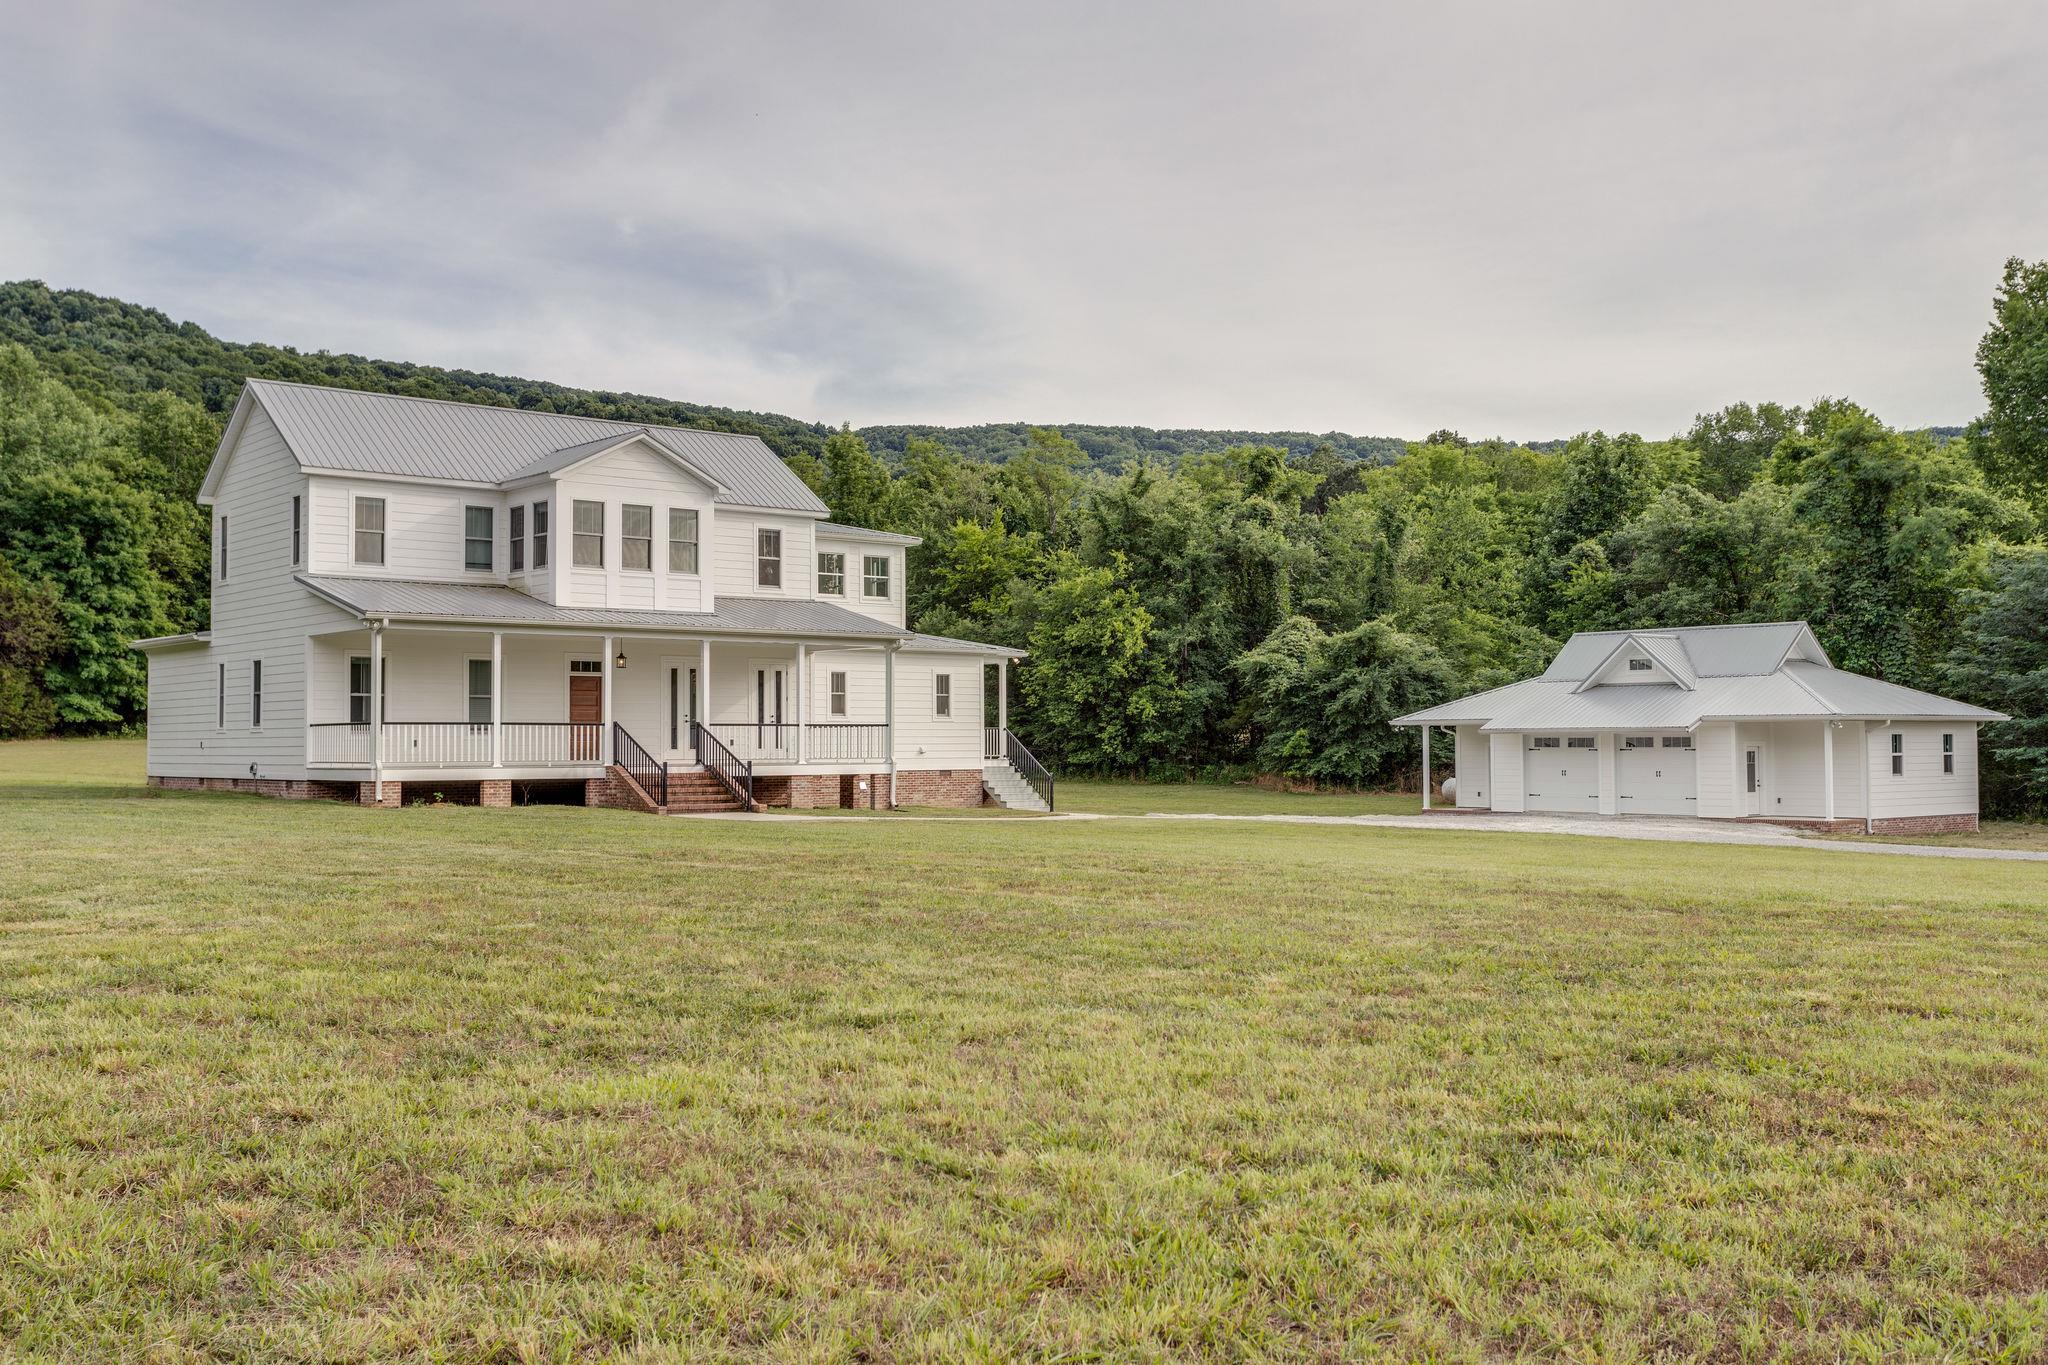 491 Bennett Cemetery Rd, Decherd, TN 37324 - Decherd, TN real estate listing